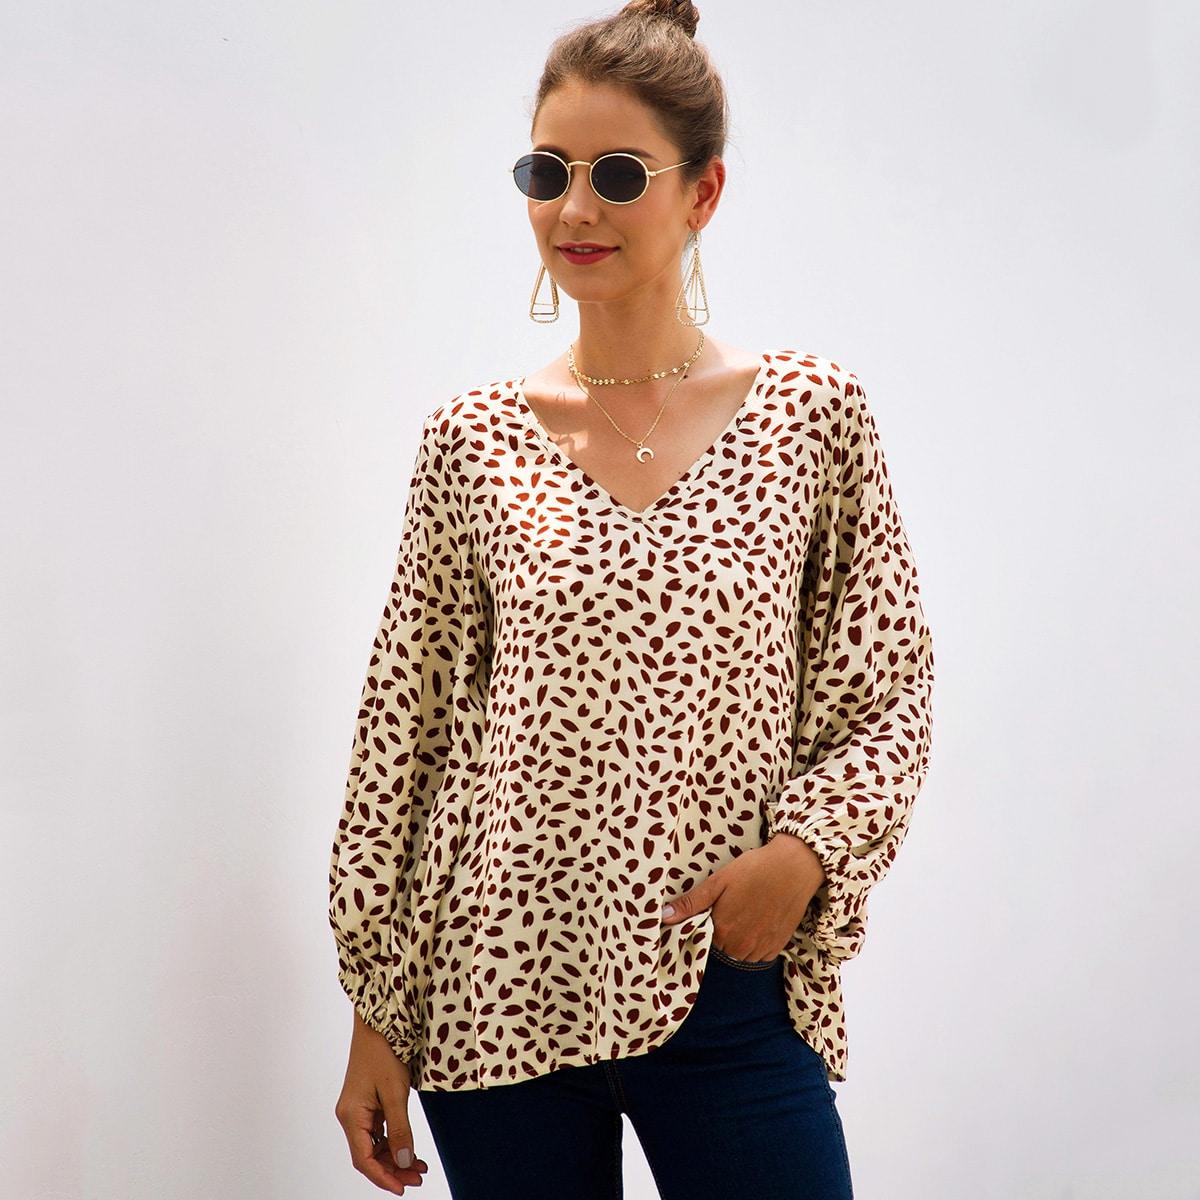 SHEIN / Vielfarbig Überalles Muster Lässig Blusen